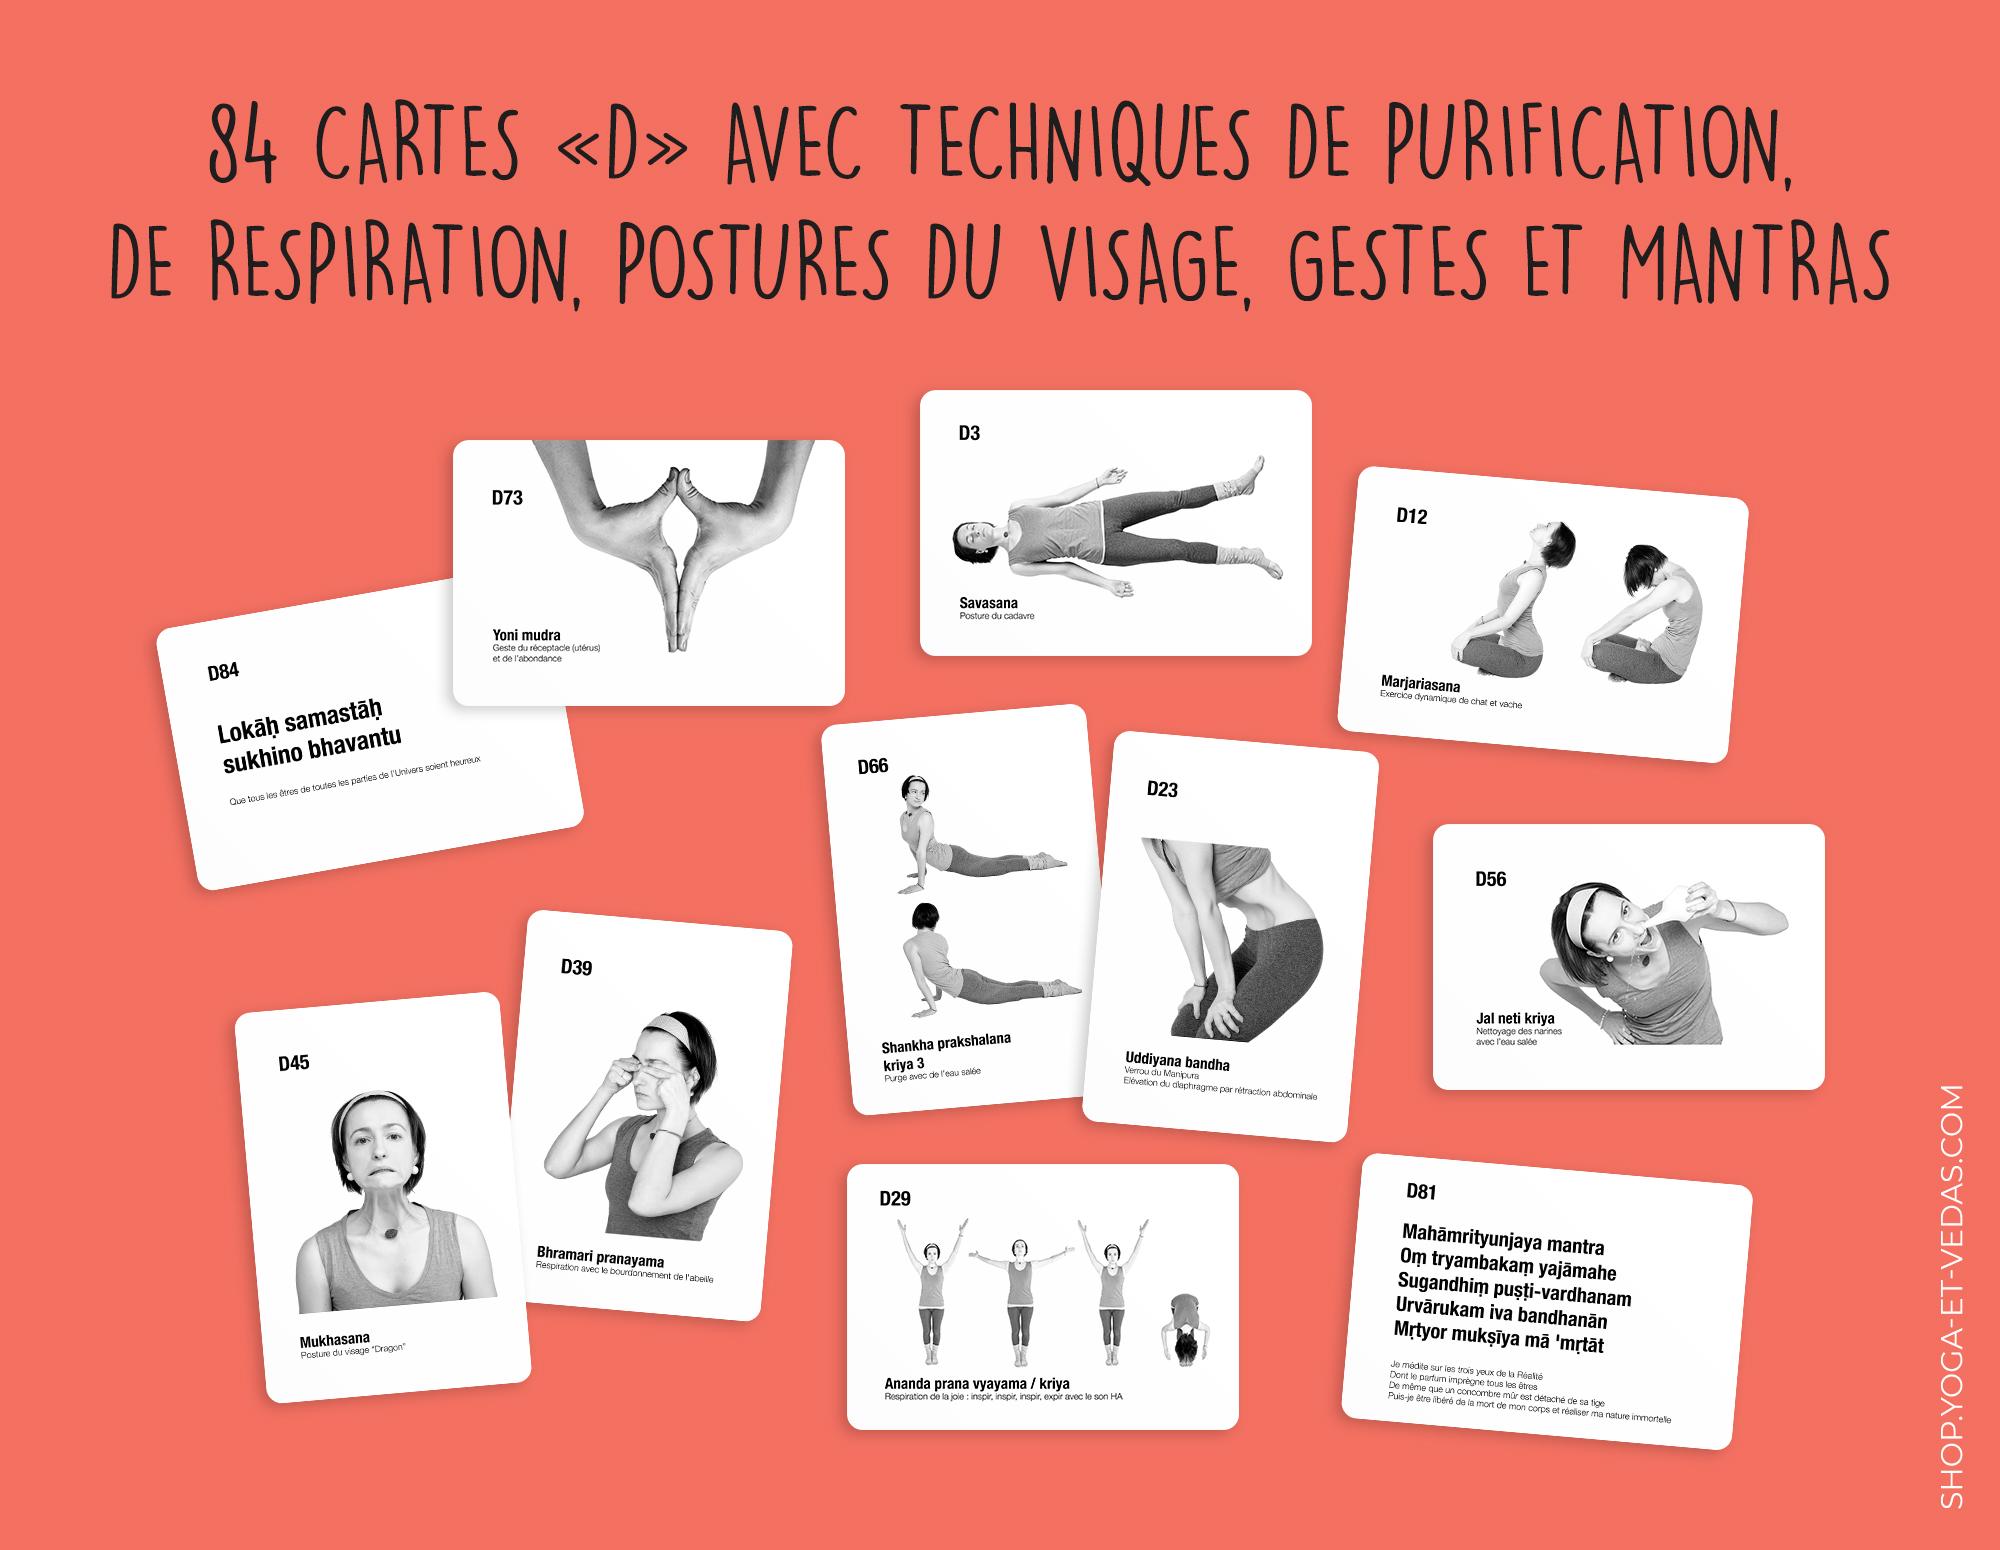 336 cartes de yoga - Cartes D - Shop Yoga&Vedas